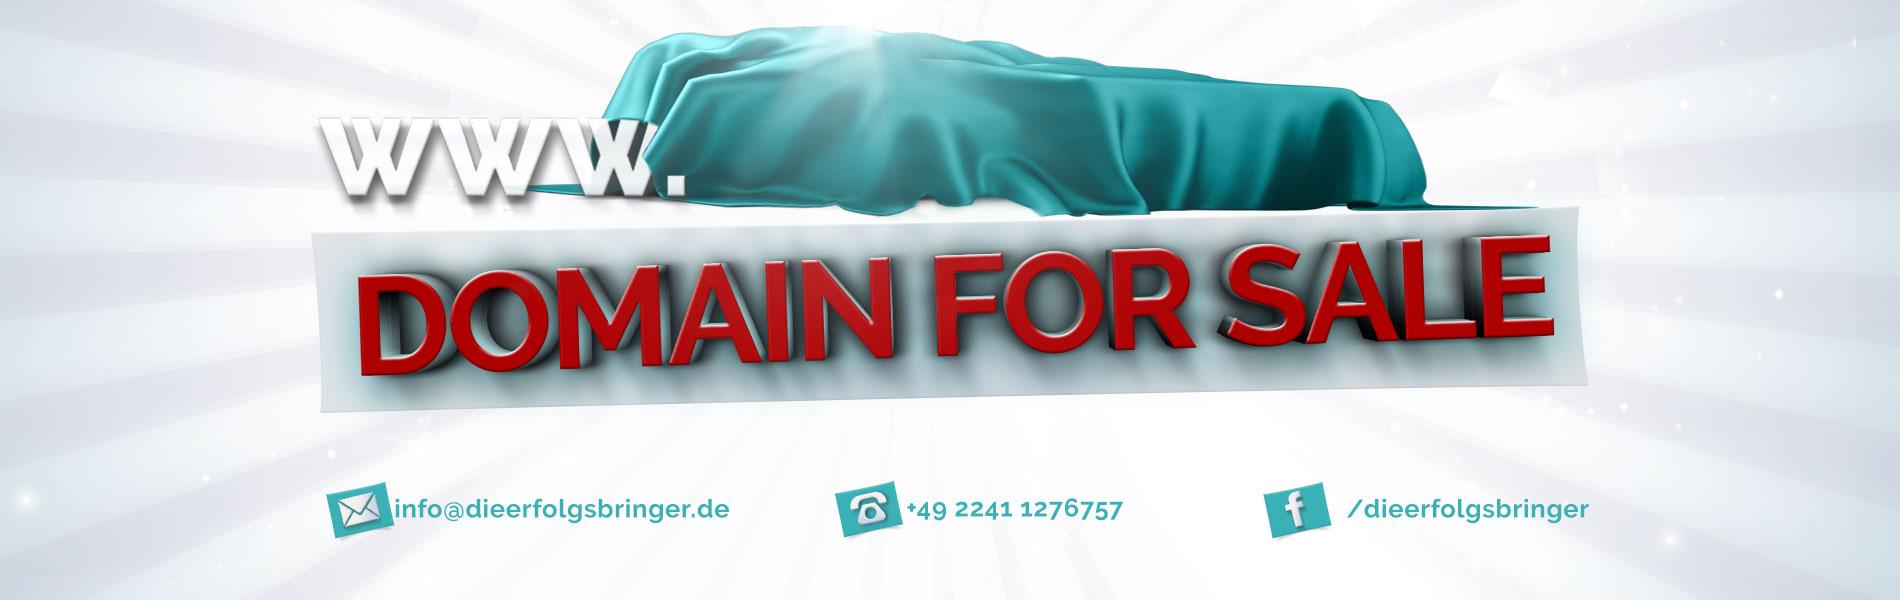 Domainhandel - Domain Verkauf - Die Erfolgsbringer - Medienagentur